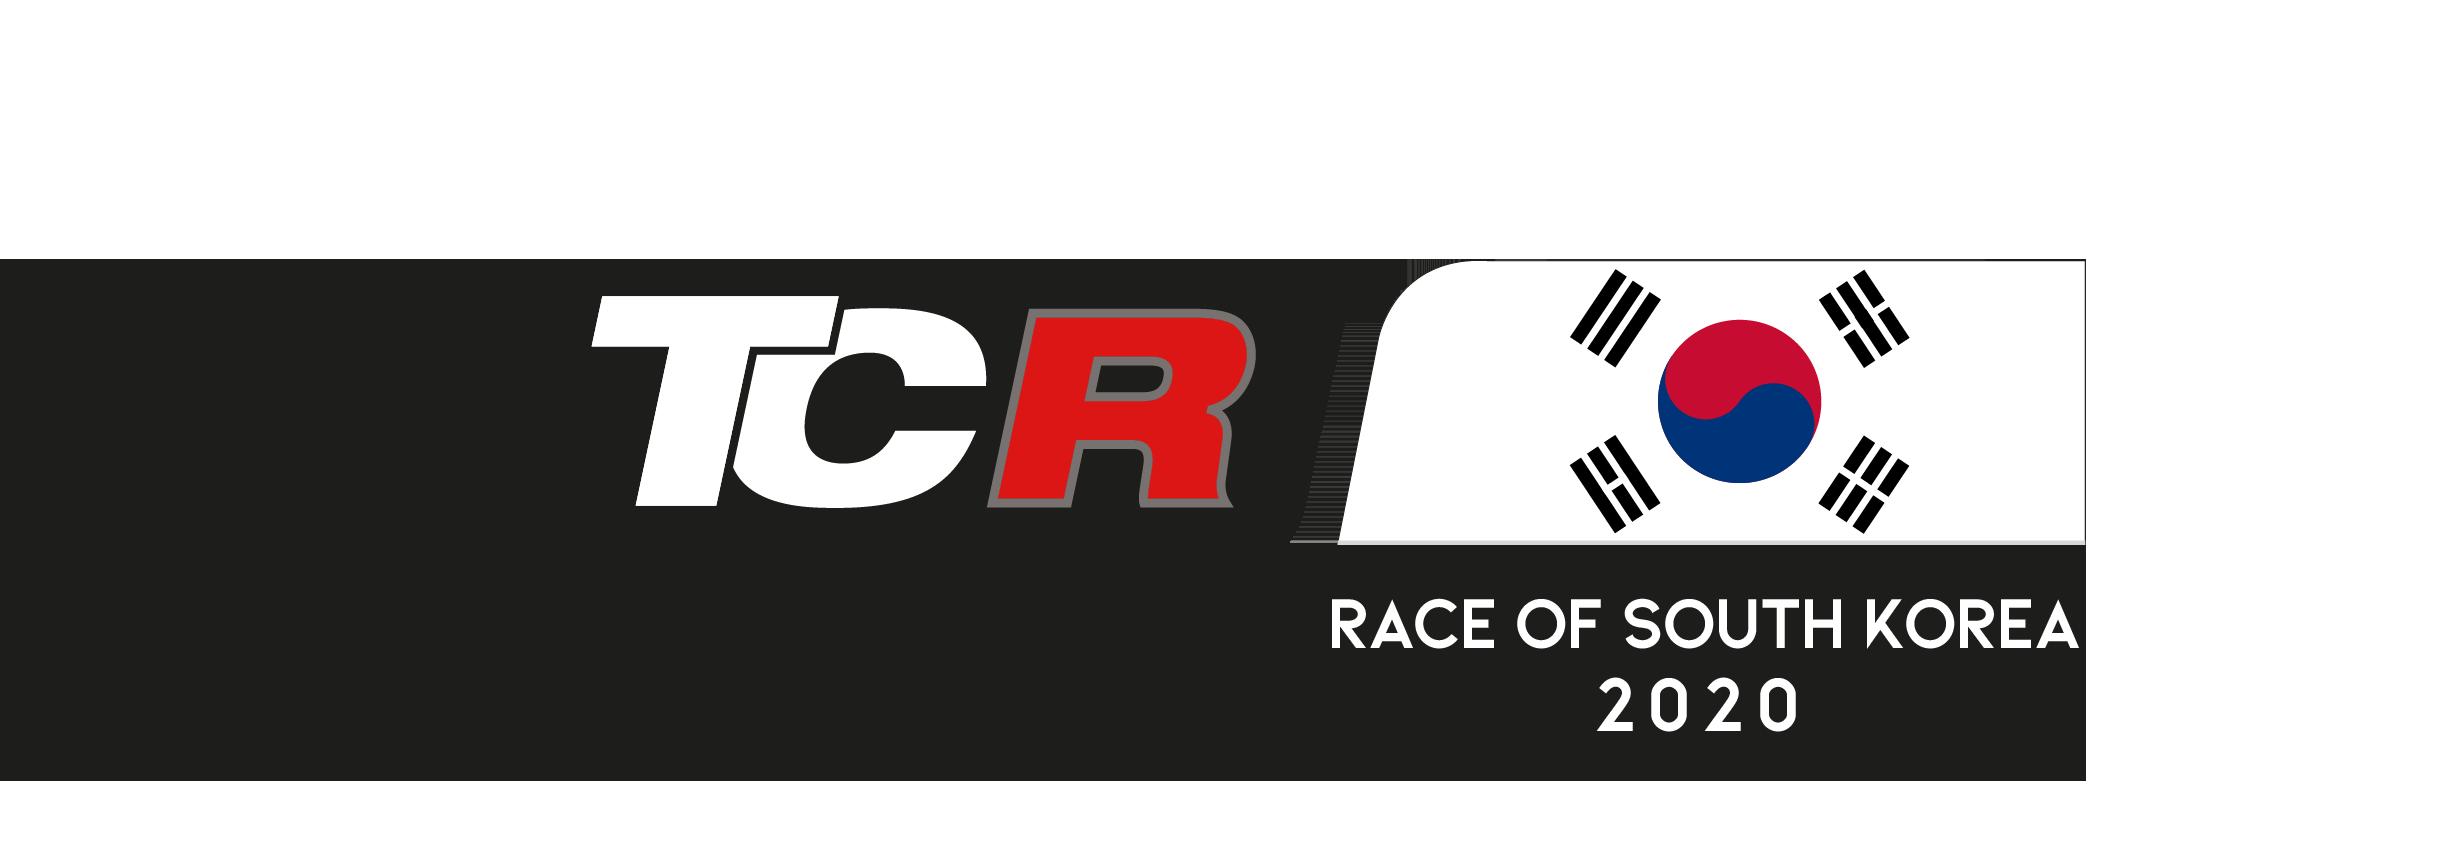 Race of South Korea